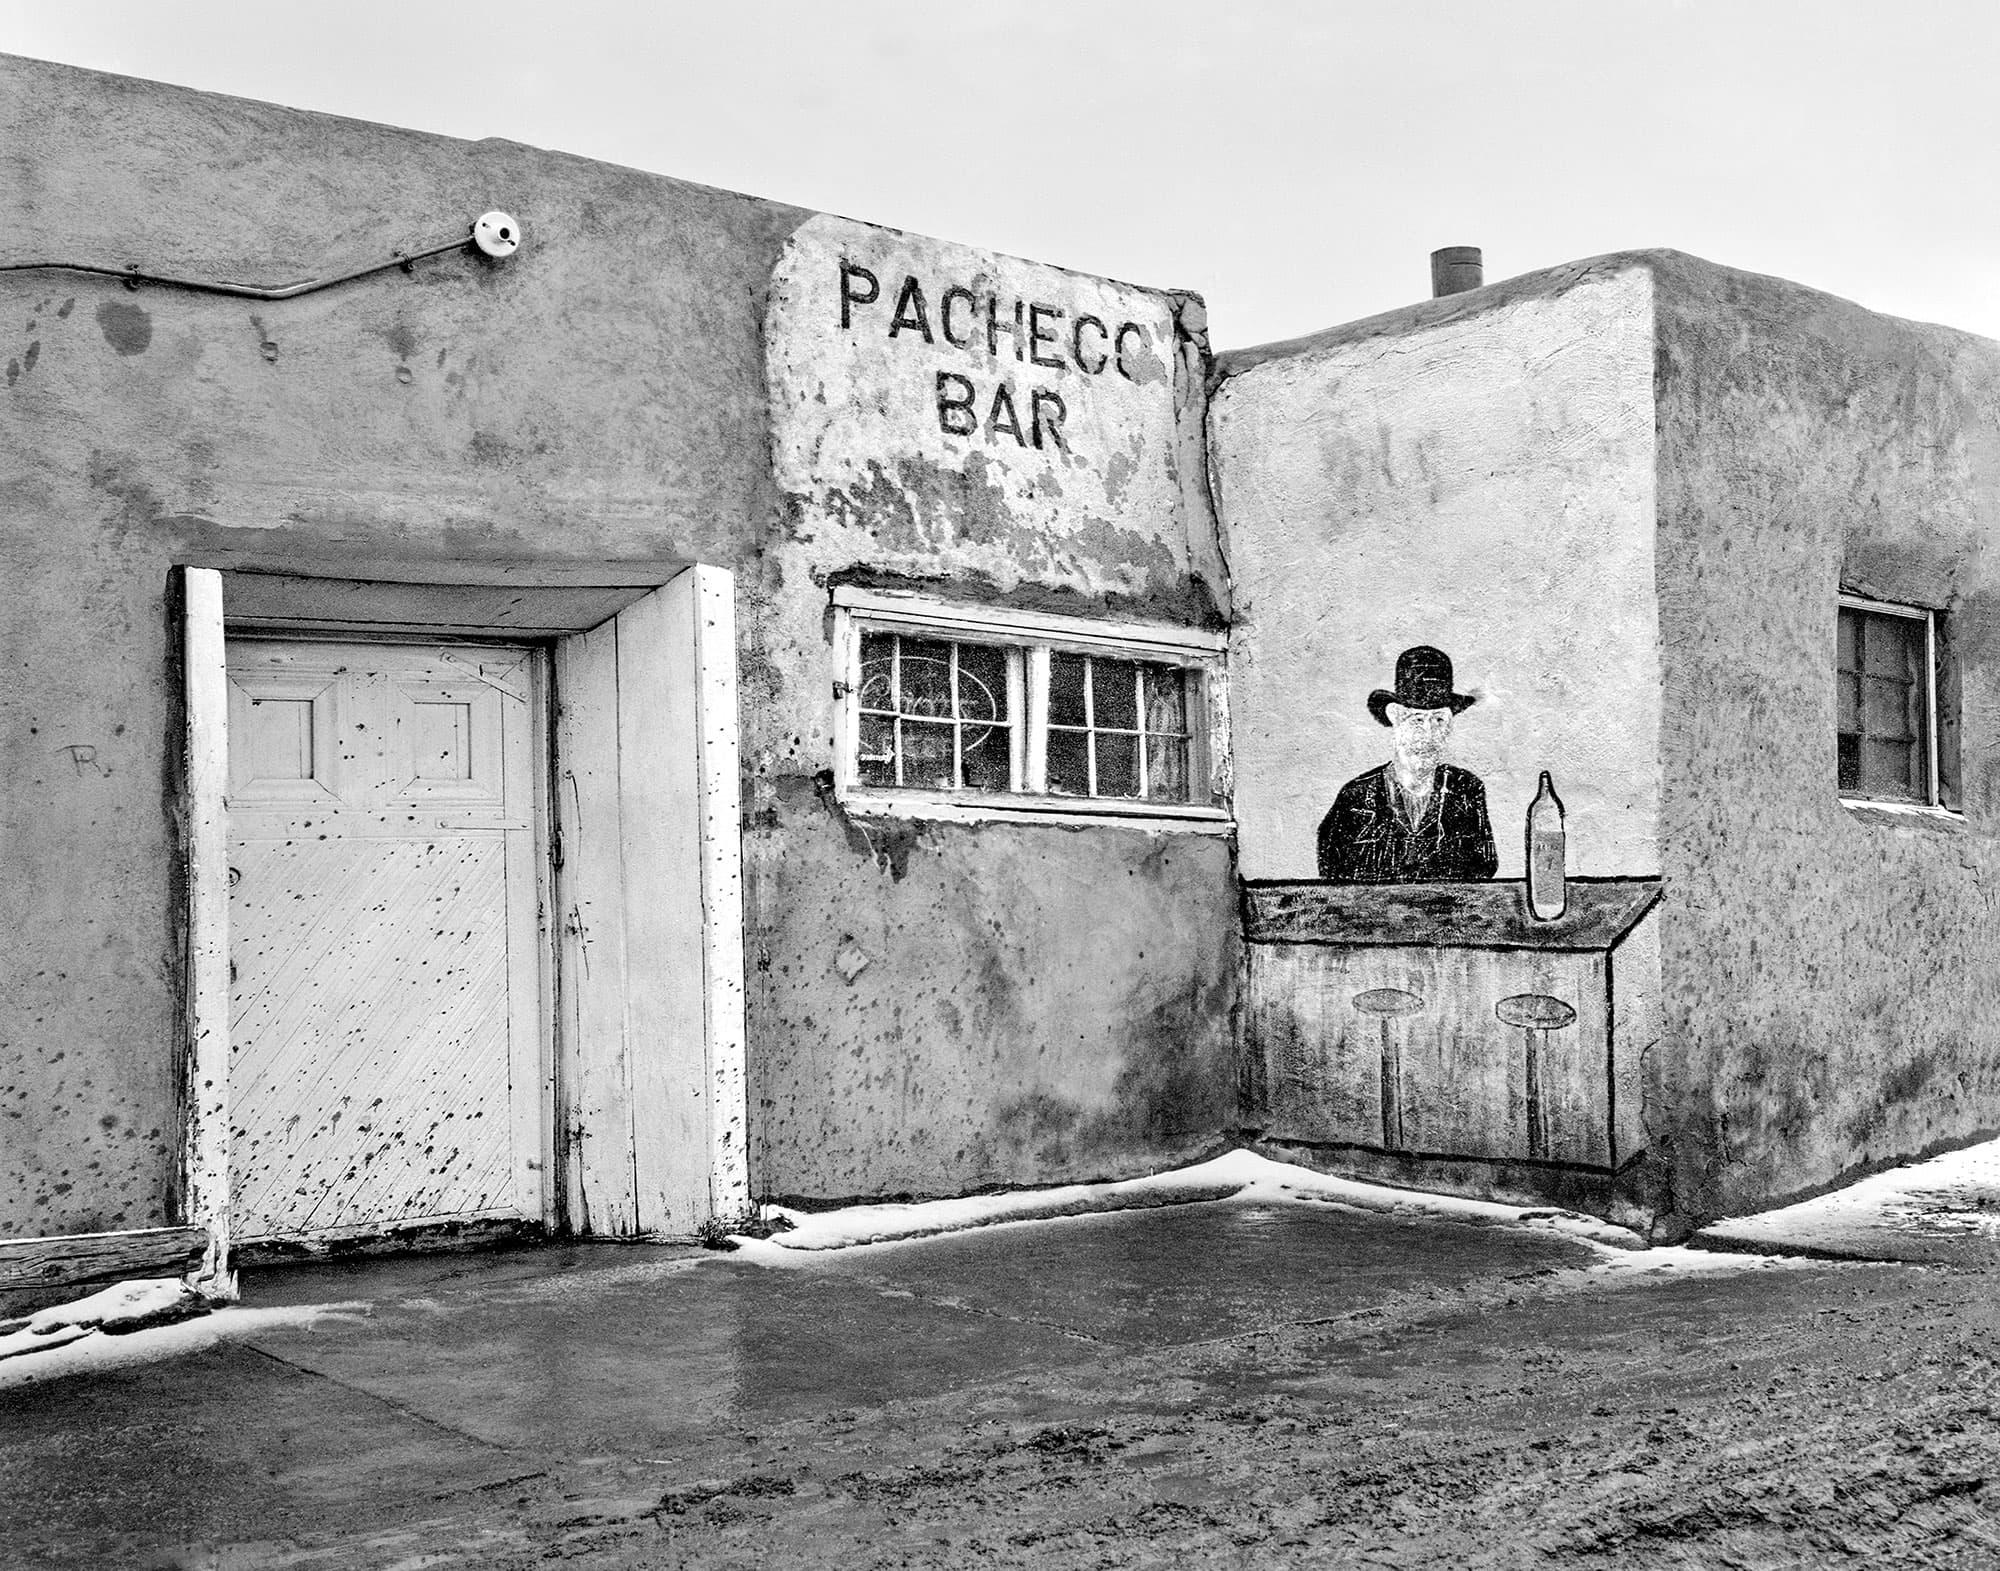 arthur-lazar-Pacheco-Bar-New-Mexico-1970